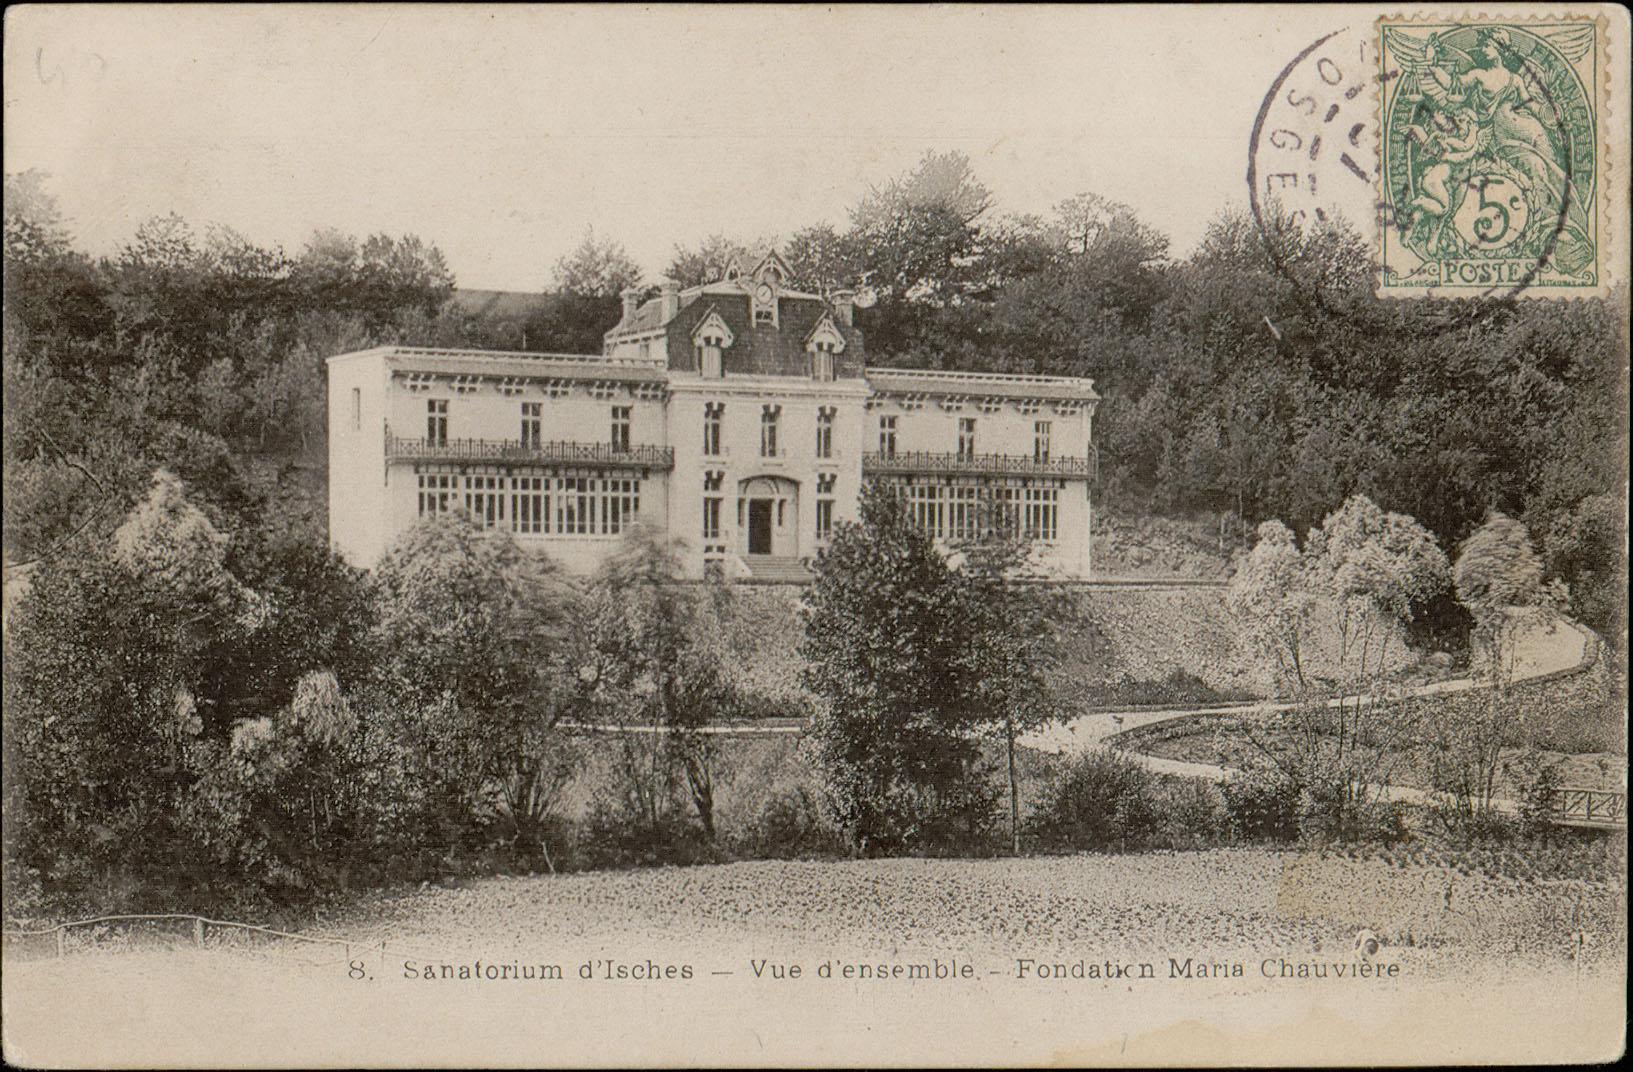 Contenu du Sanatorium d'Isches, Vue d'ensemble, Fondation Maria chauvière